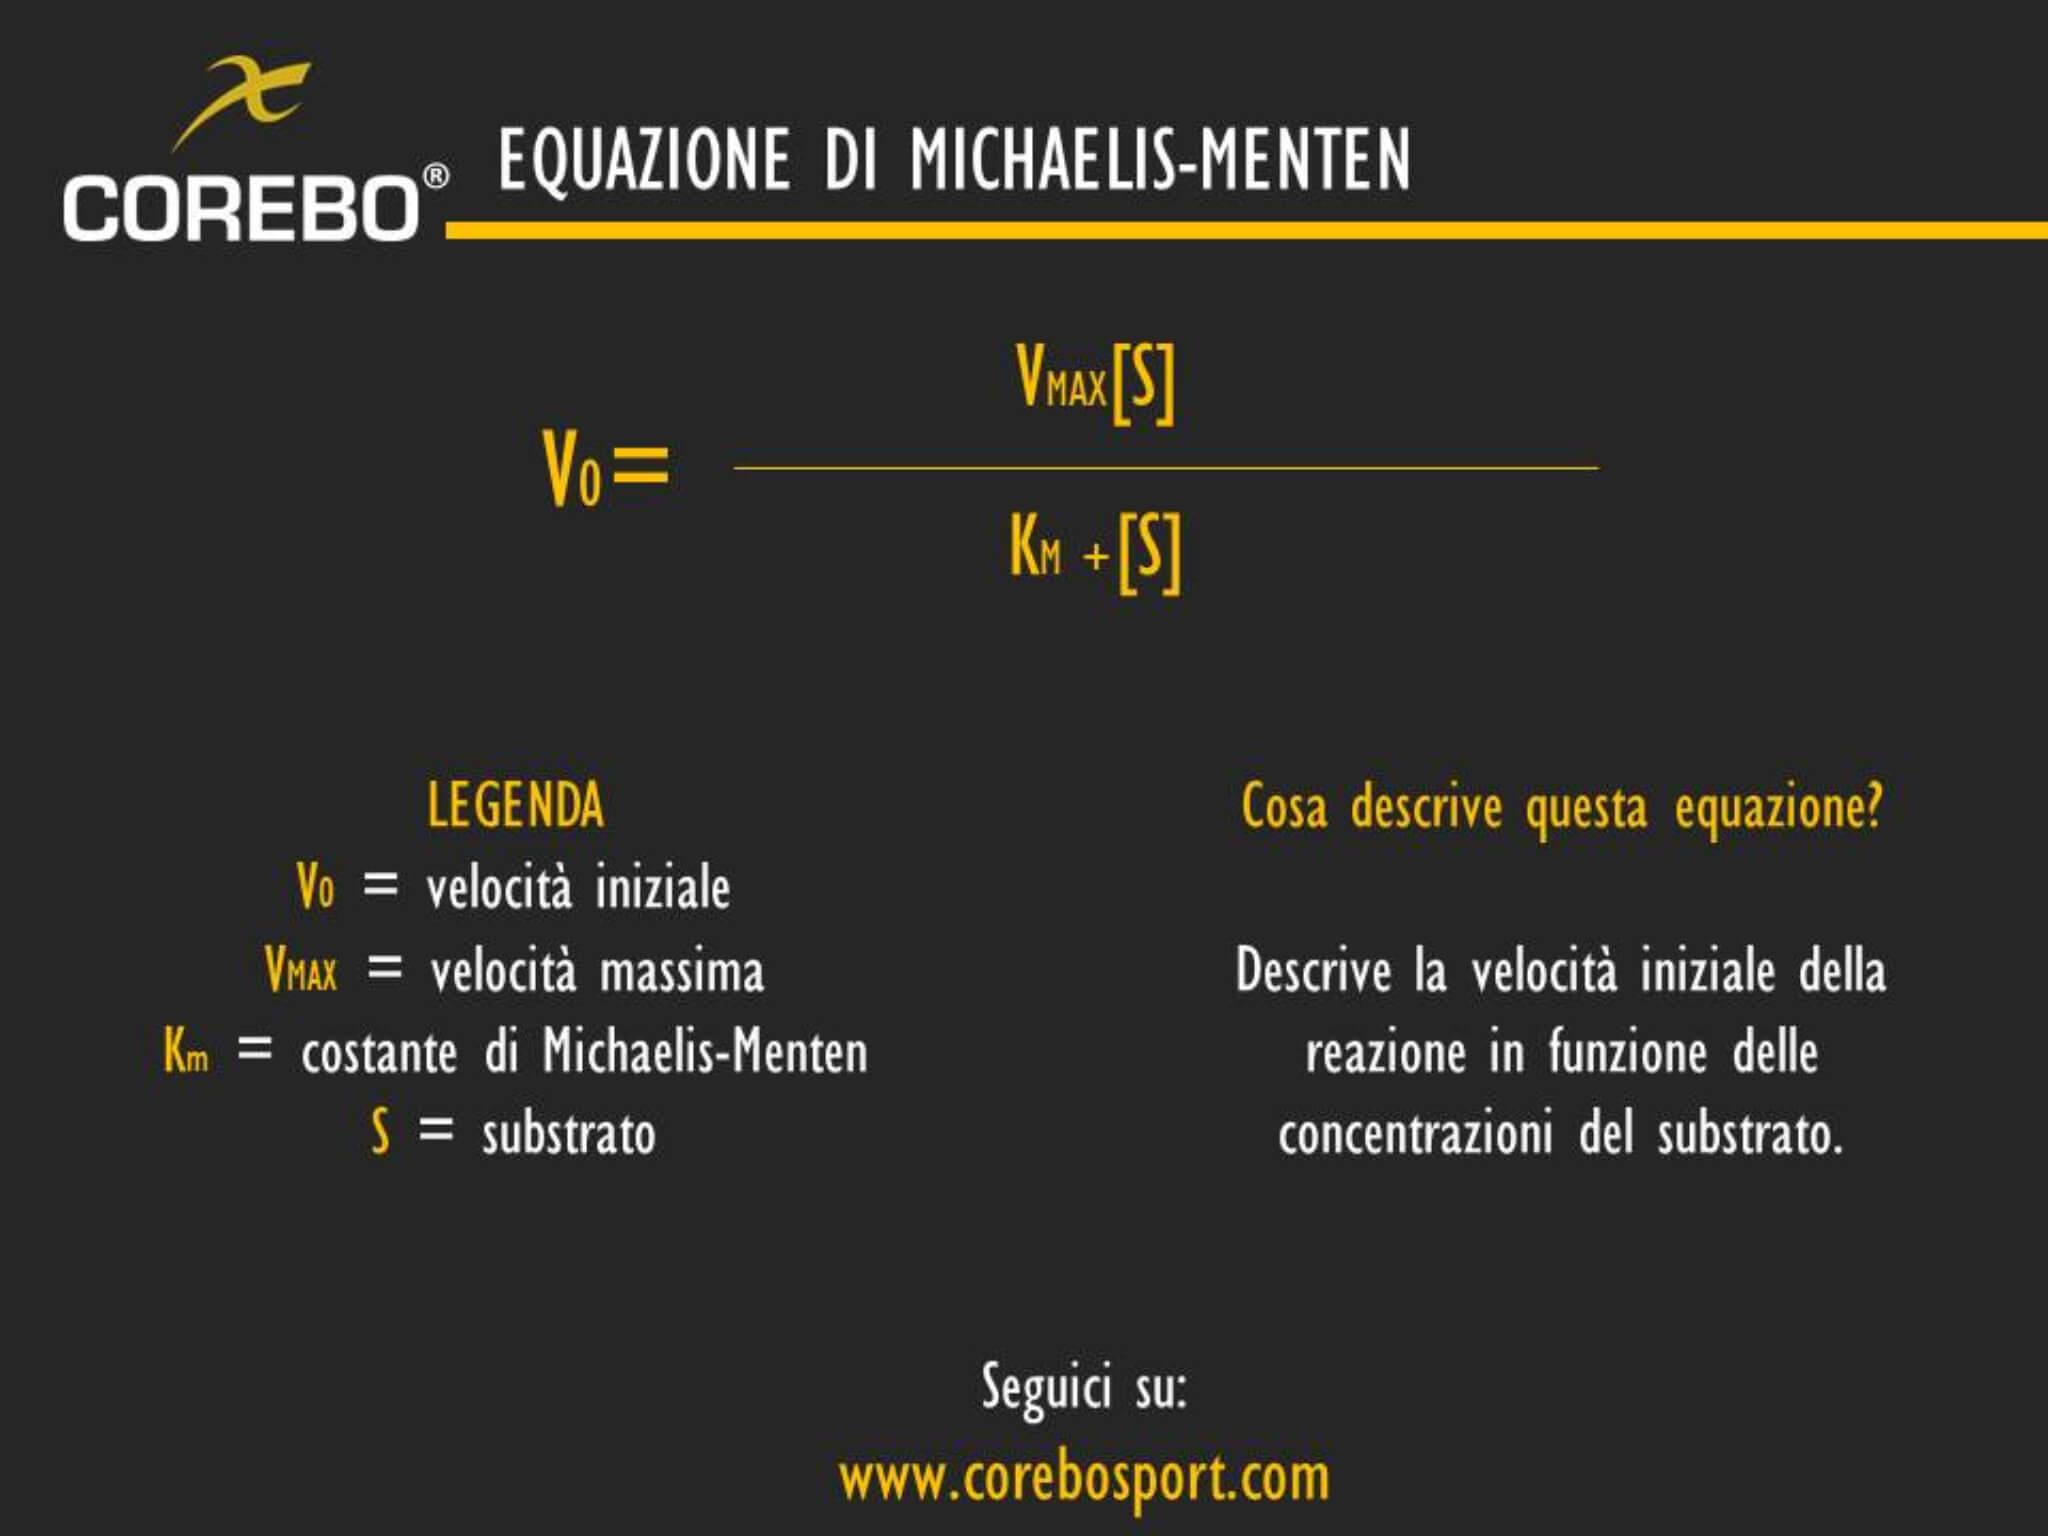 equazione di michaelis menten